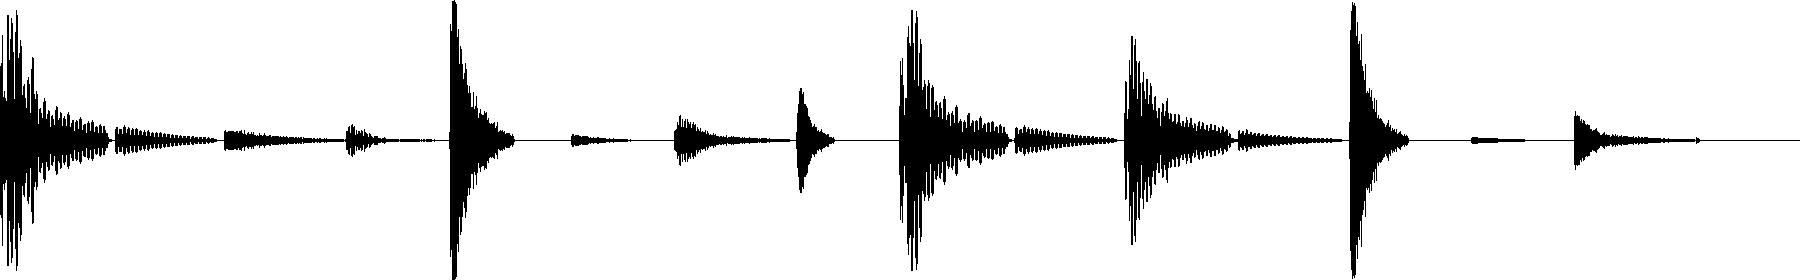 dl electroloop